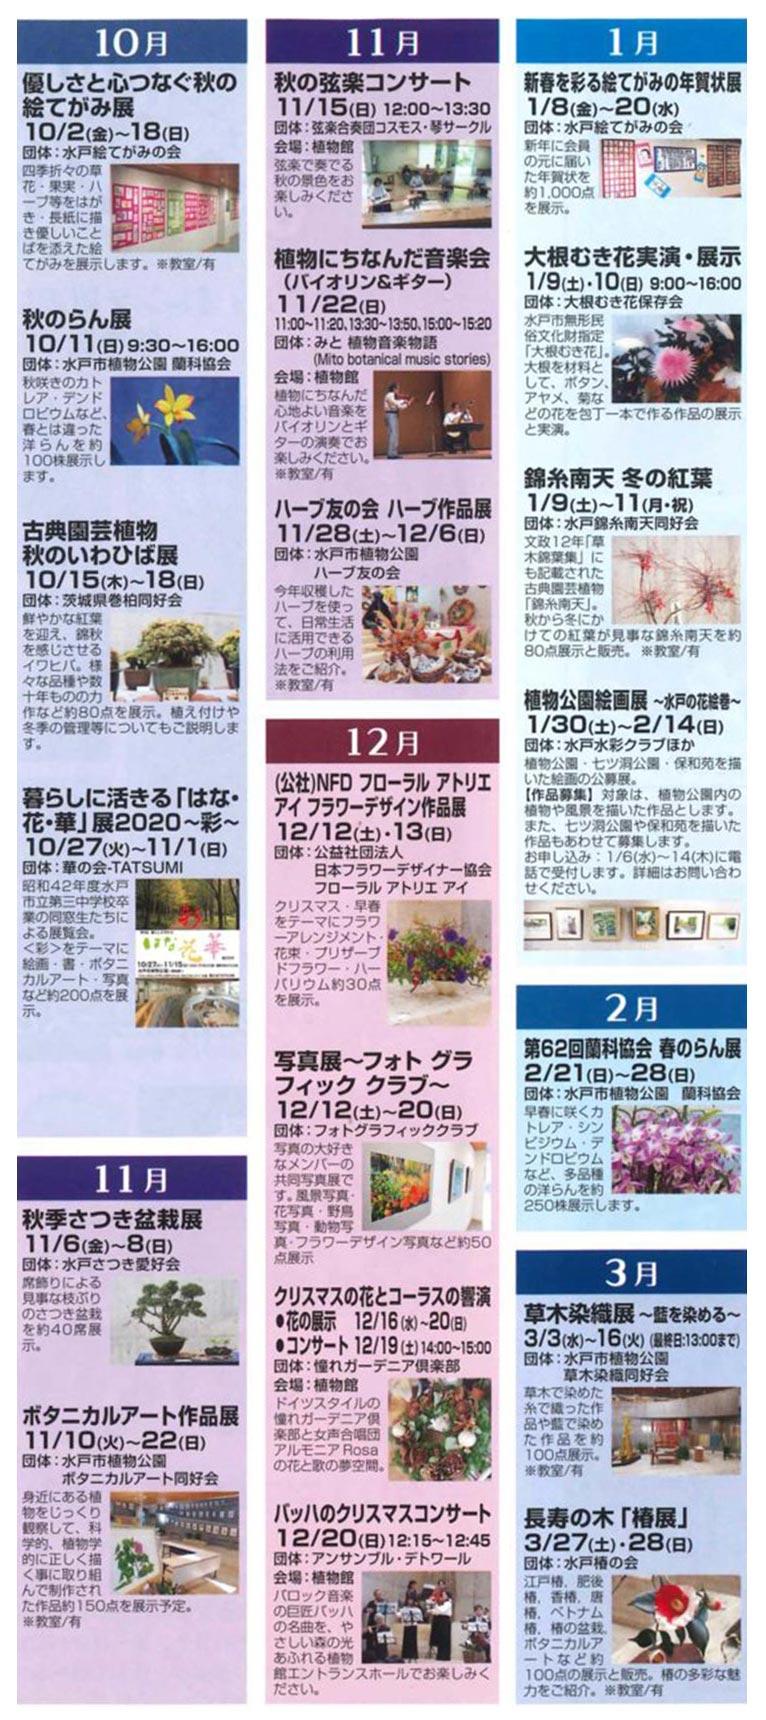 2020年4月1日~2021年3月31日 イベントカレンダー 水戸市植物公園 花のカルチャー